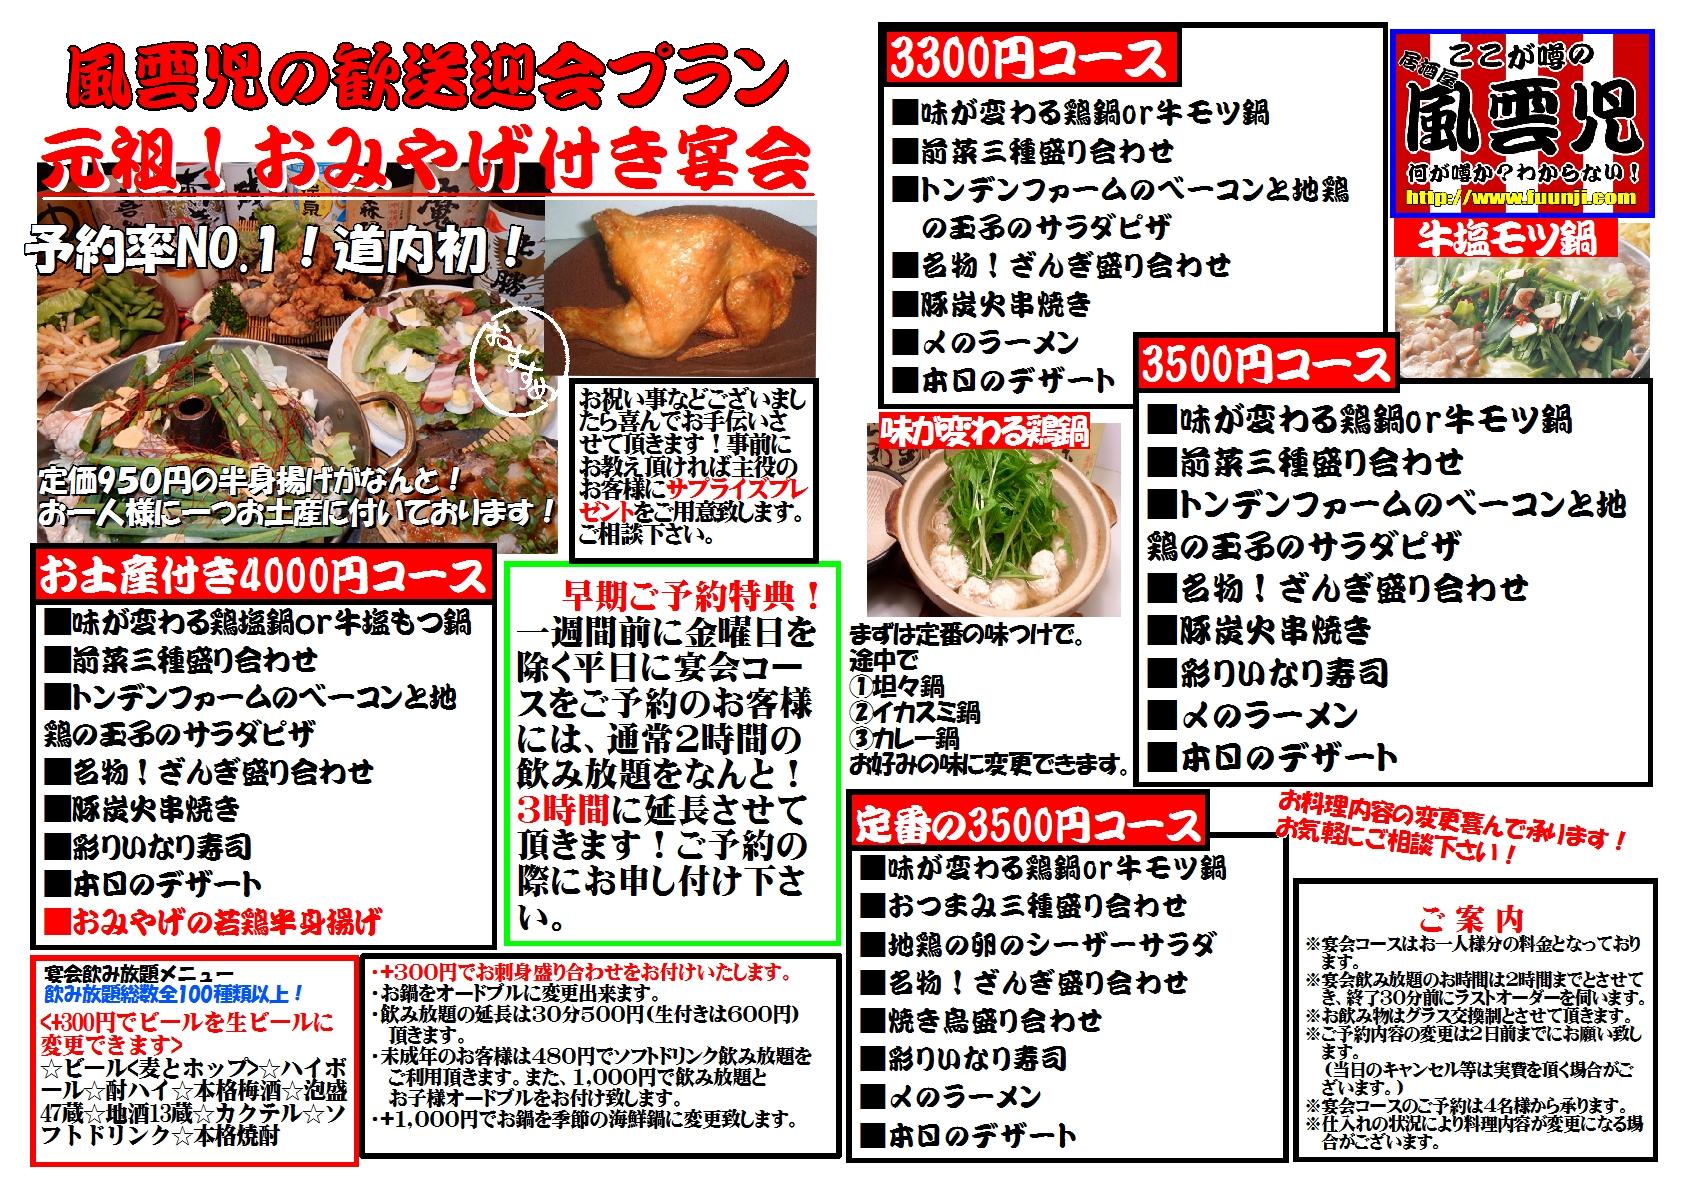 篠路店宴会メニュー